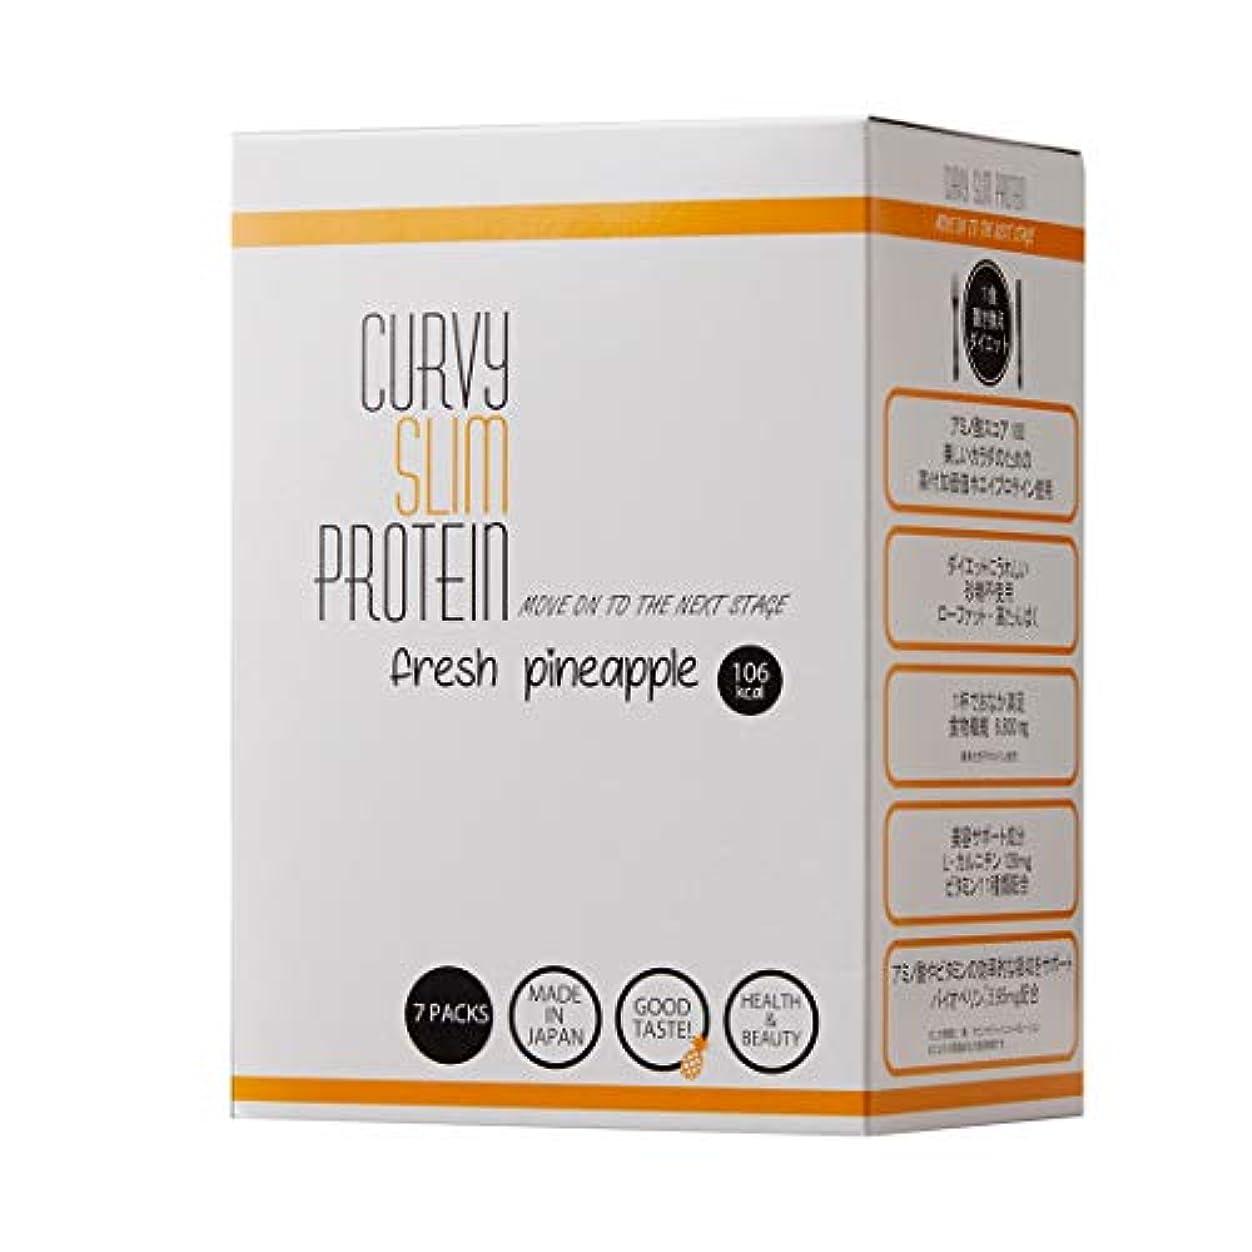 ファンアイザック約カーヴィースリム® プロテイン フレッシュパイナップル 置き換え ダイエット 7包(7食分)